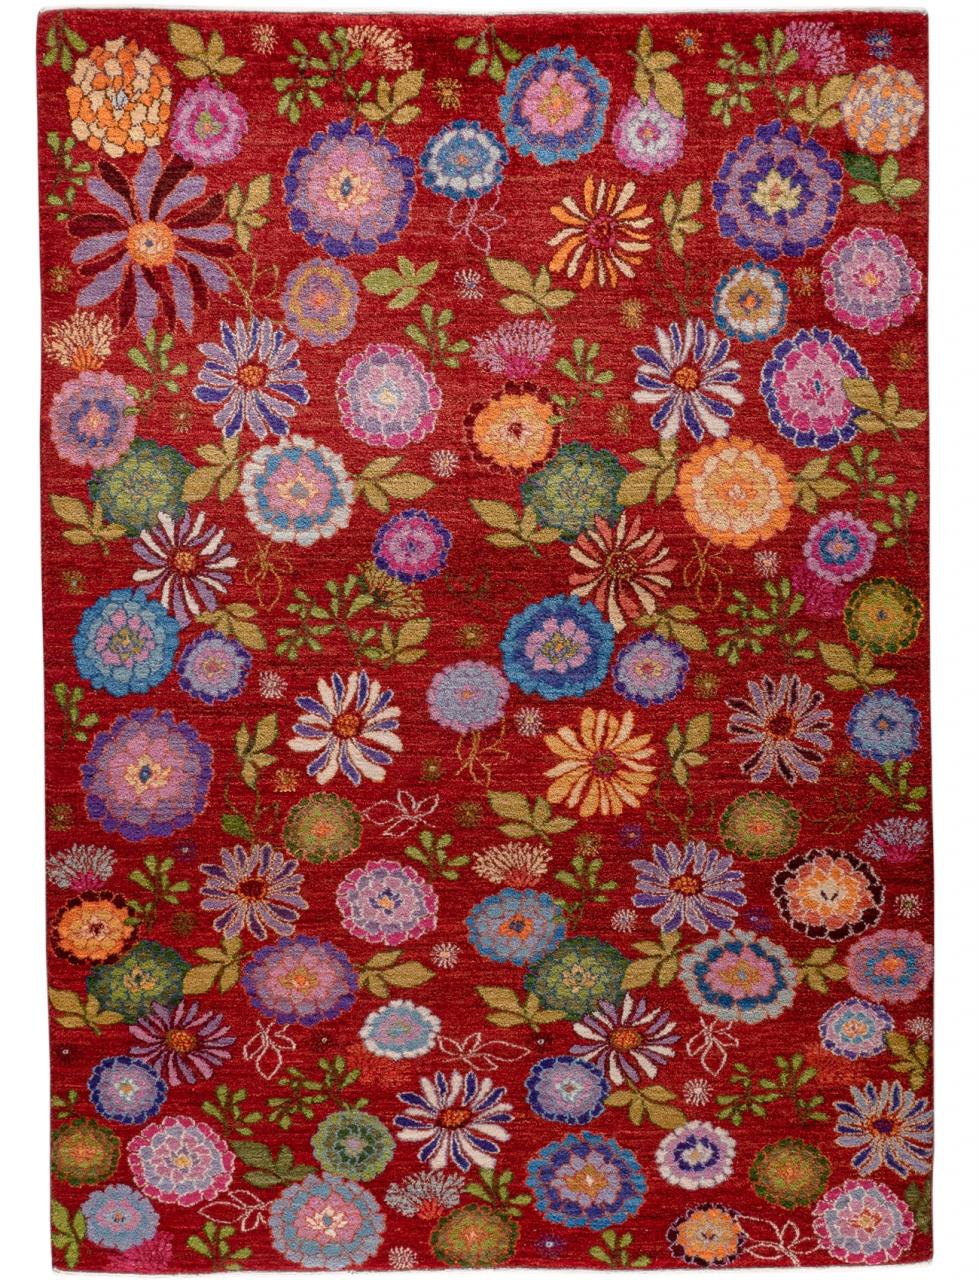 Iran Gabbeh Teppich-Unikat Blumenwunder